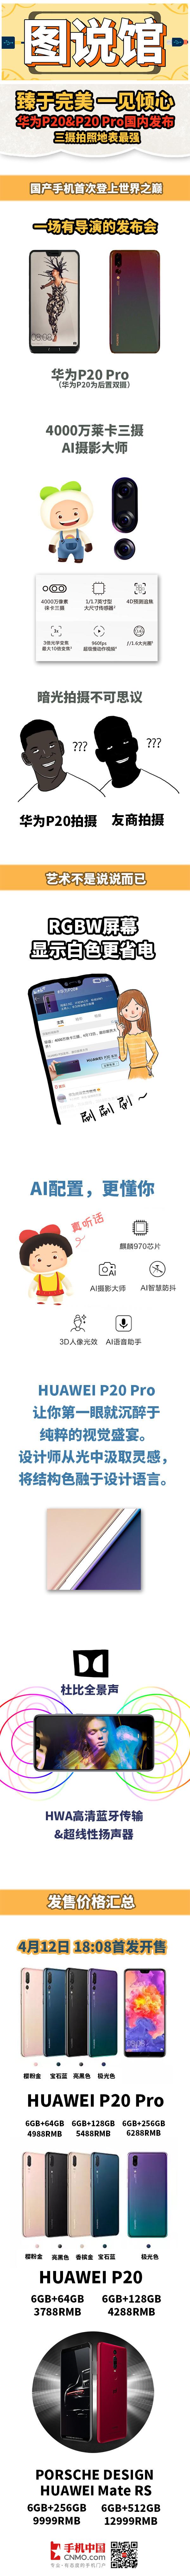 图说馆:华为P20 Pro发布 三摄一见倾心